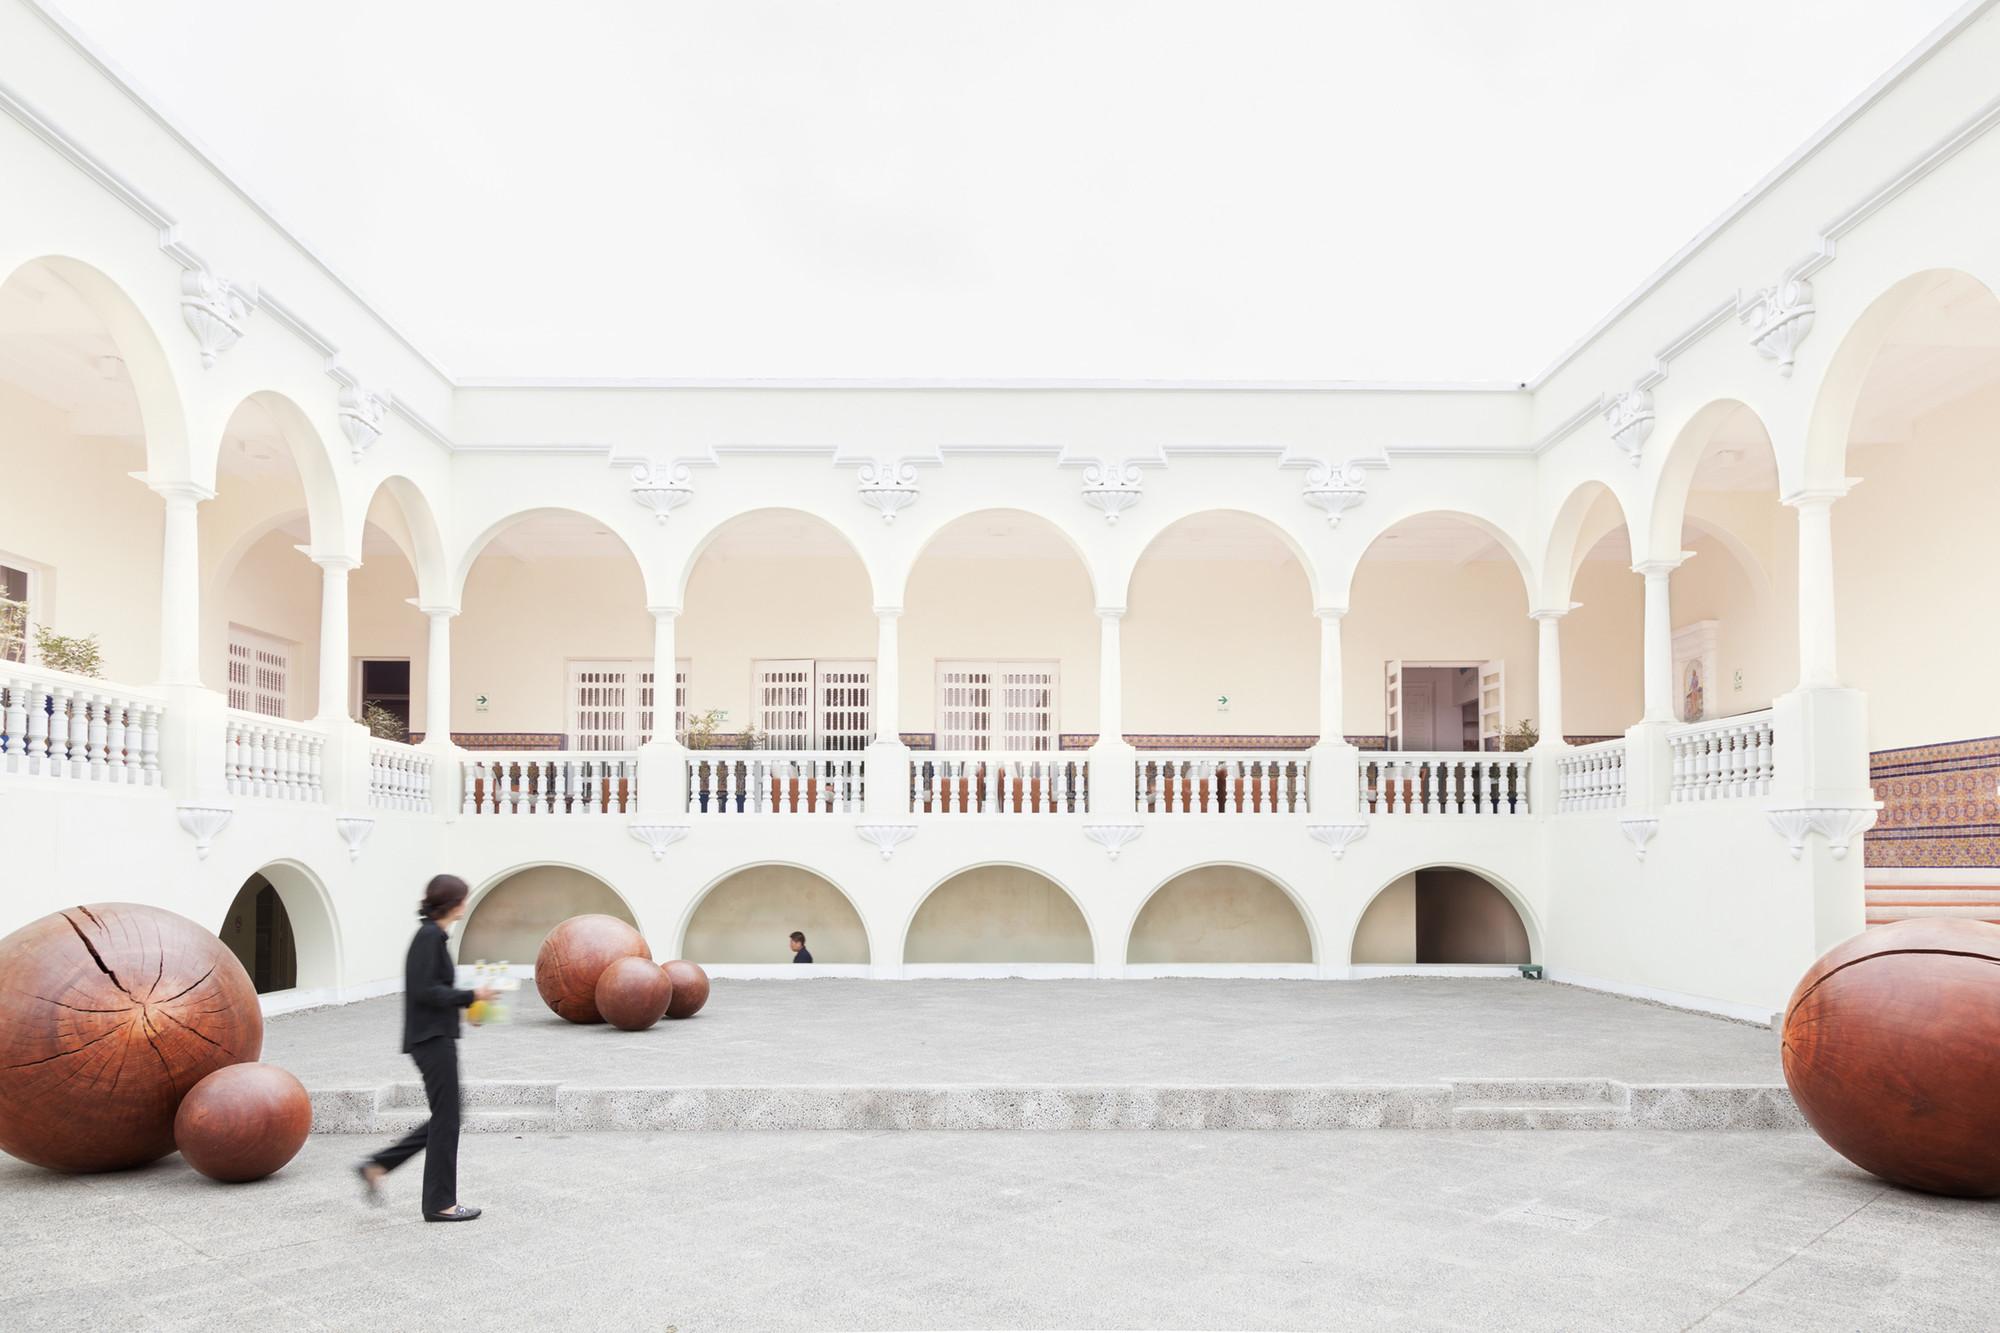 Moreyra House Astrid y Gastón / 51-1 arquitectos, © PHOSS – Antonio Sorrentino & Iván Salinero